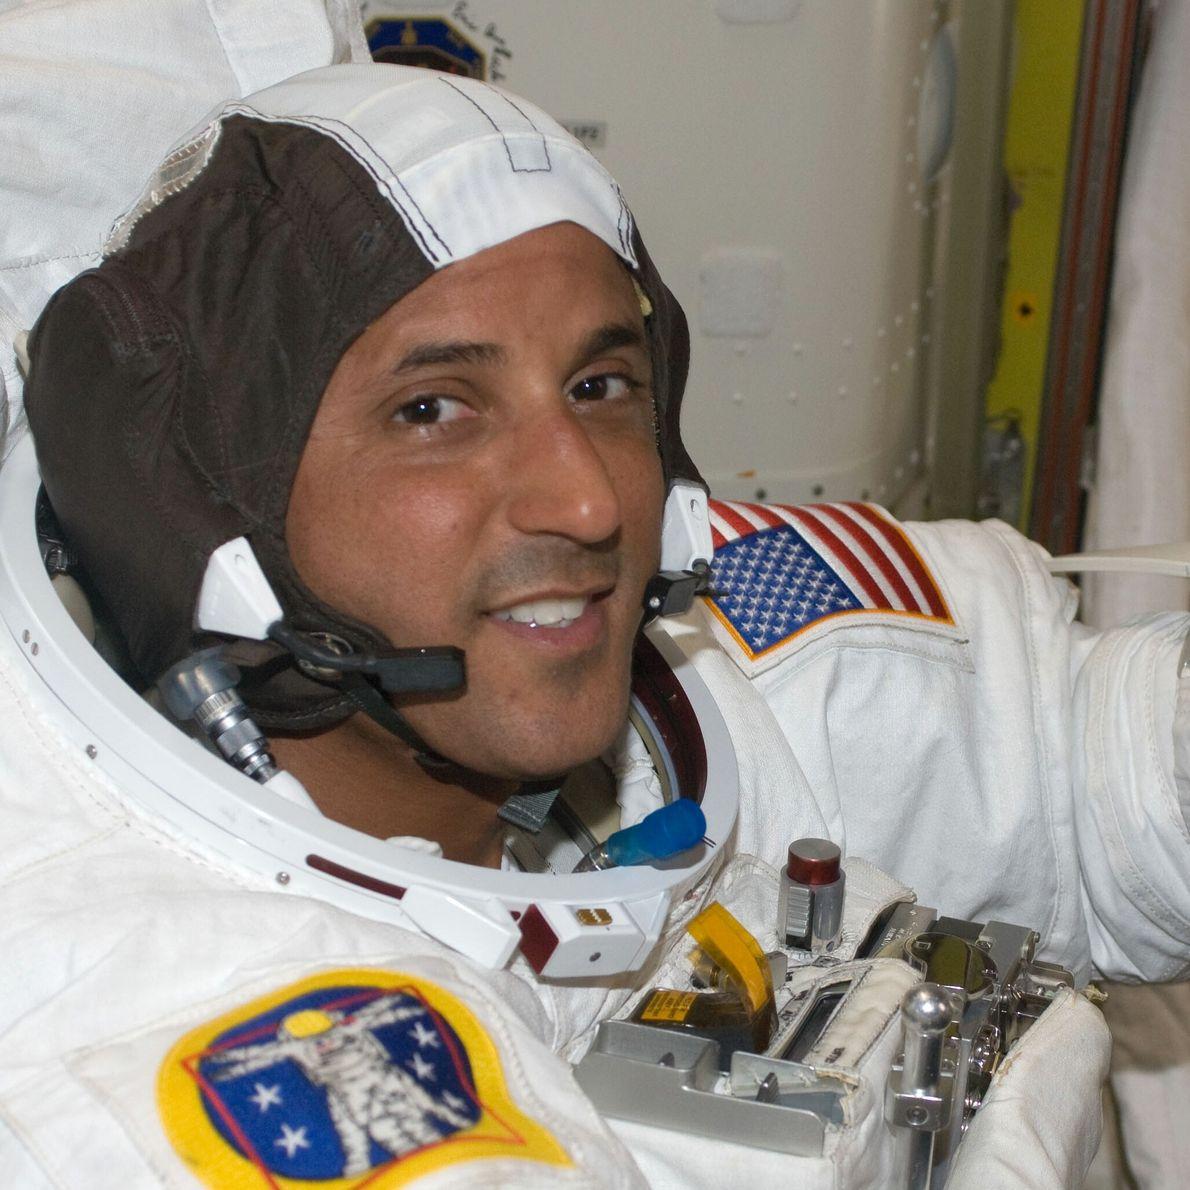 Joseph Acaba - promotion d'astronautes 2004, 306 jours dans l'espace.